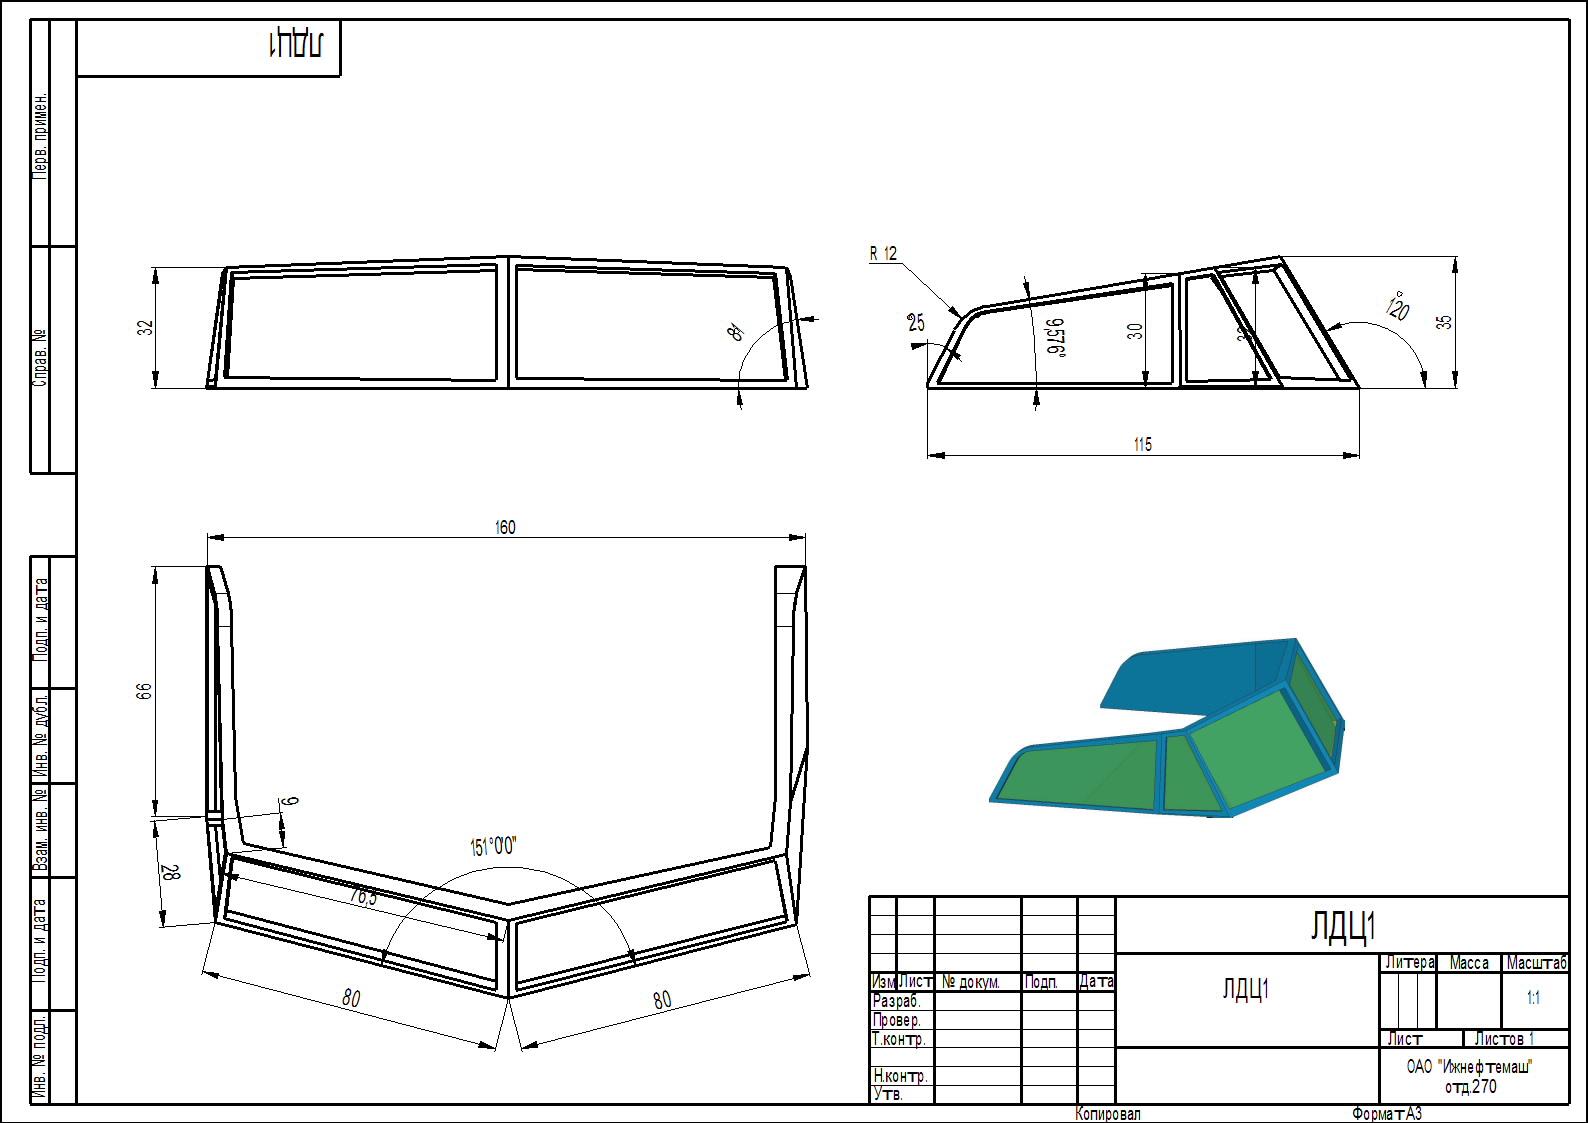 Моторная лодка обь-3 схема с размерами